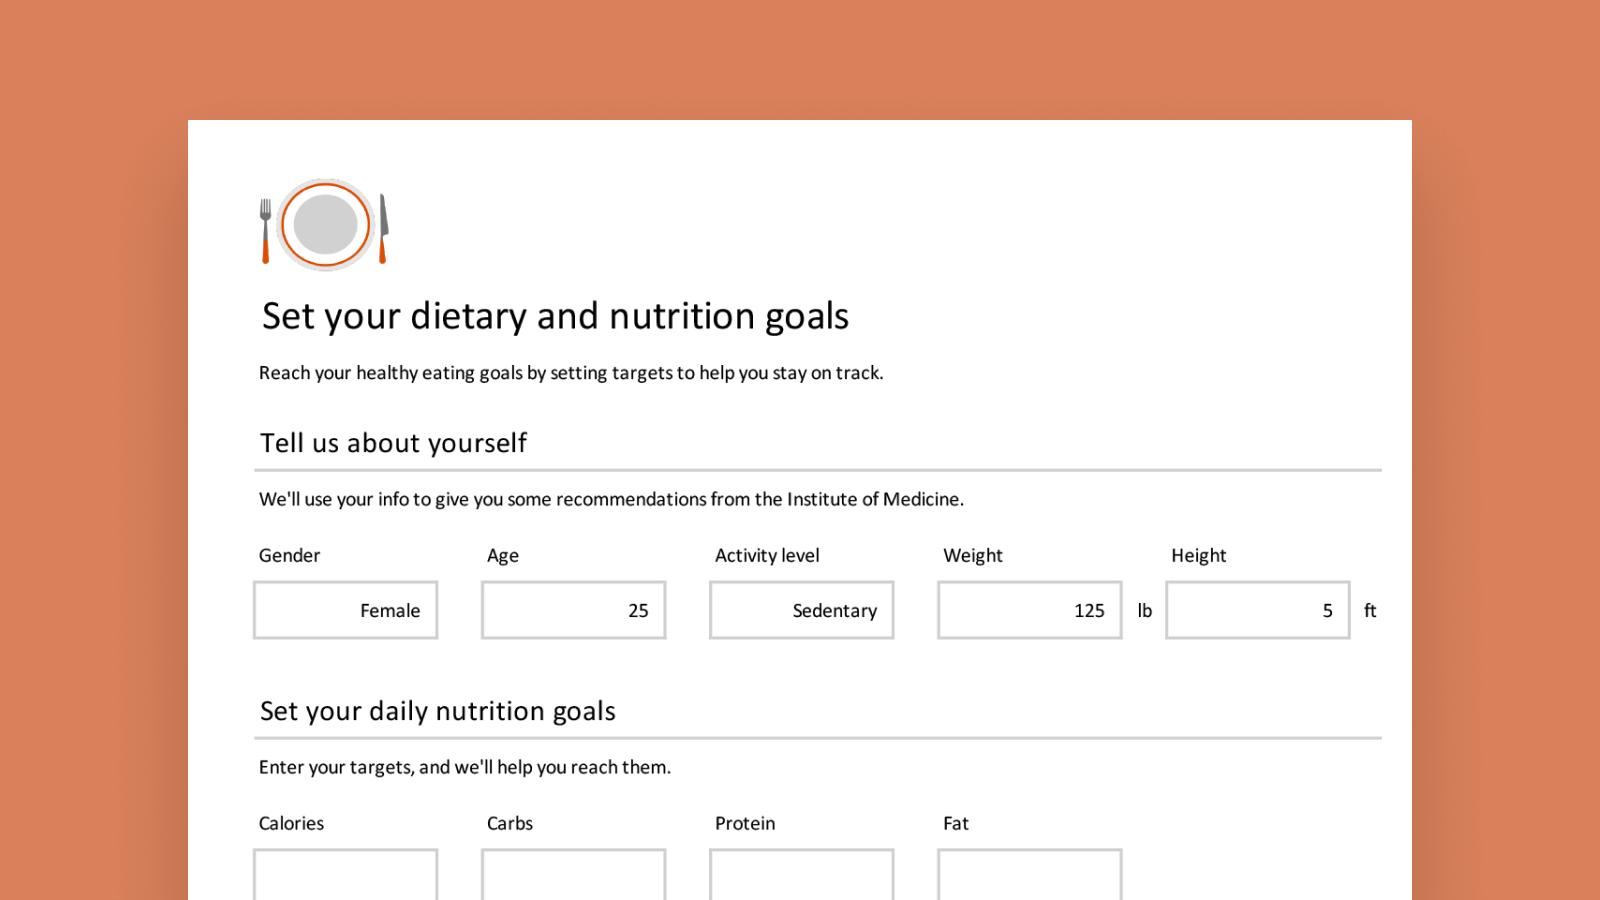 Captura de tela do modelo inteligente de Controle Nutricional.